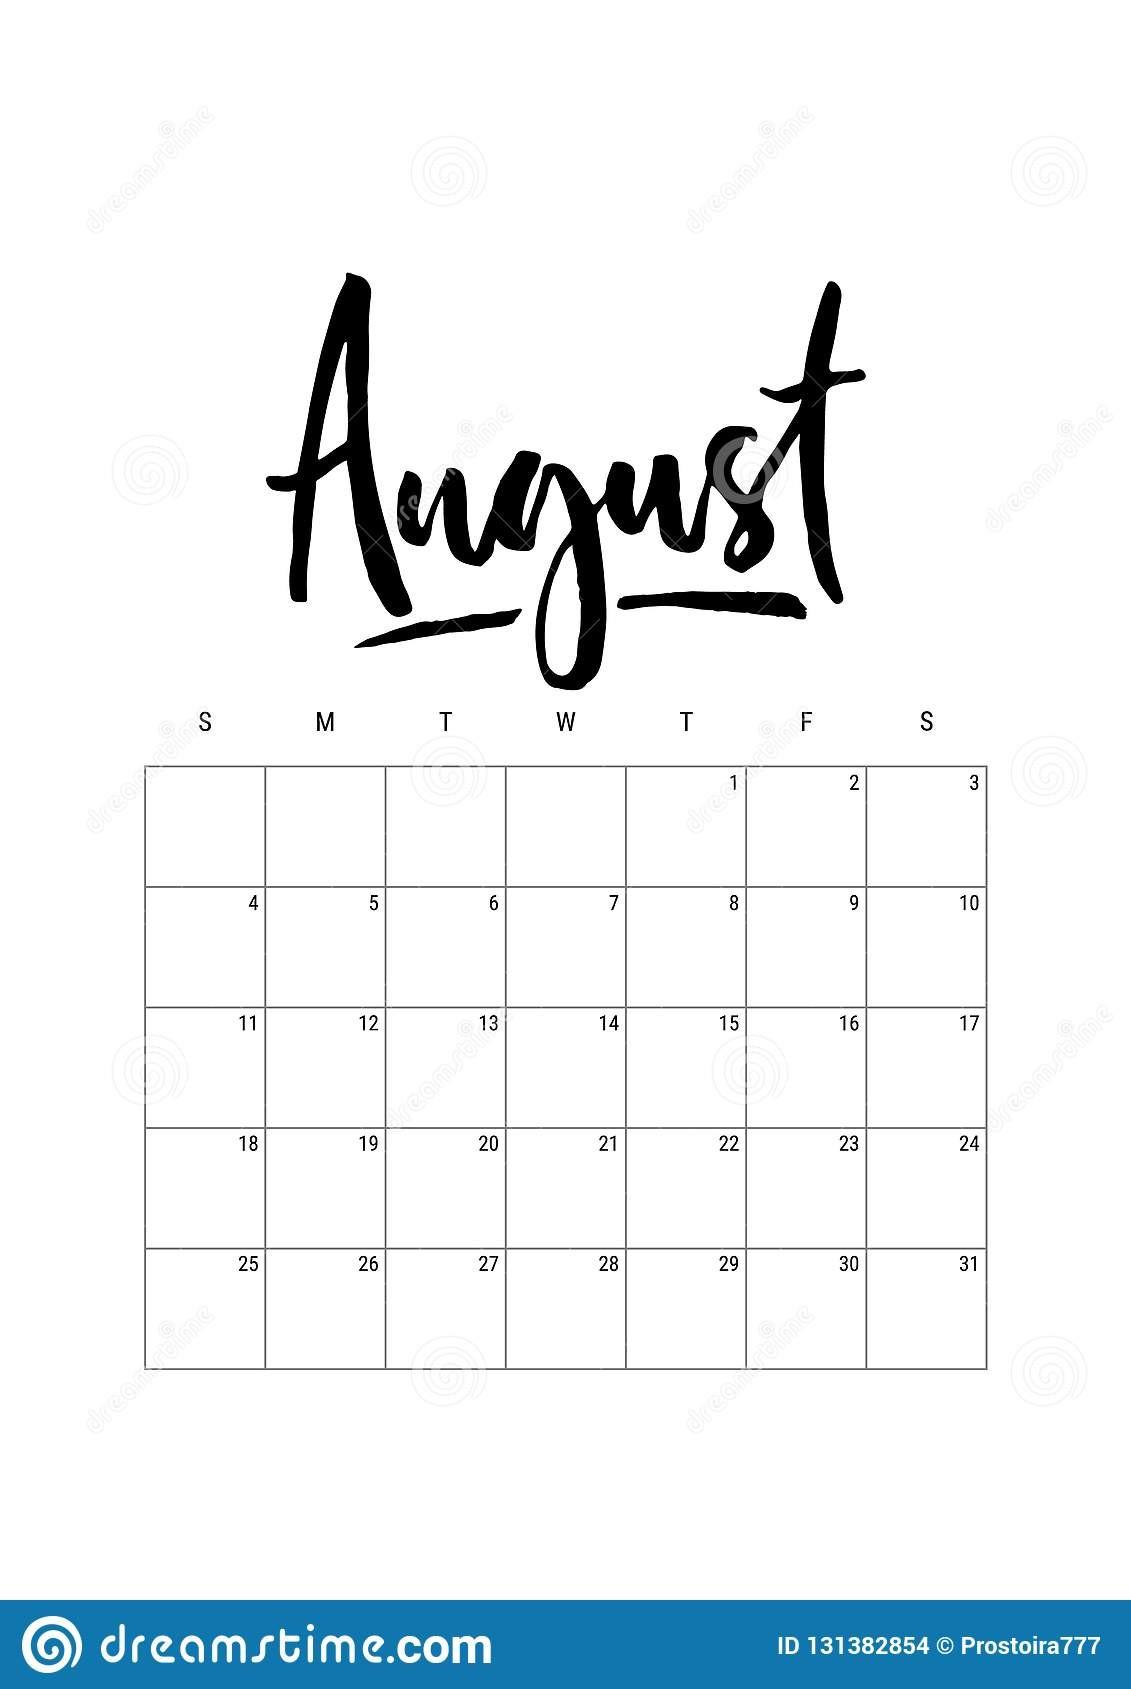 12 month calendar template 2019  August. Calendar Planner 2019, Week Starts On Sunday. Part ..